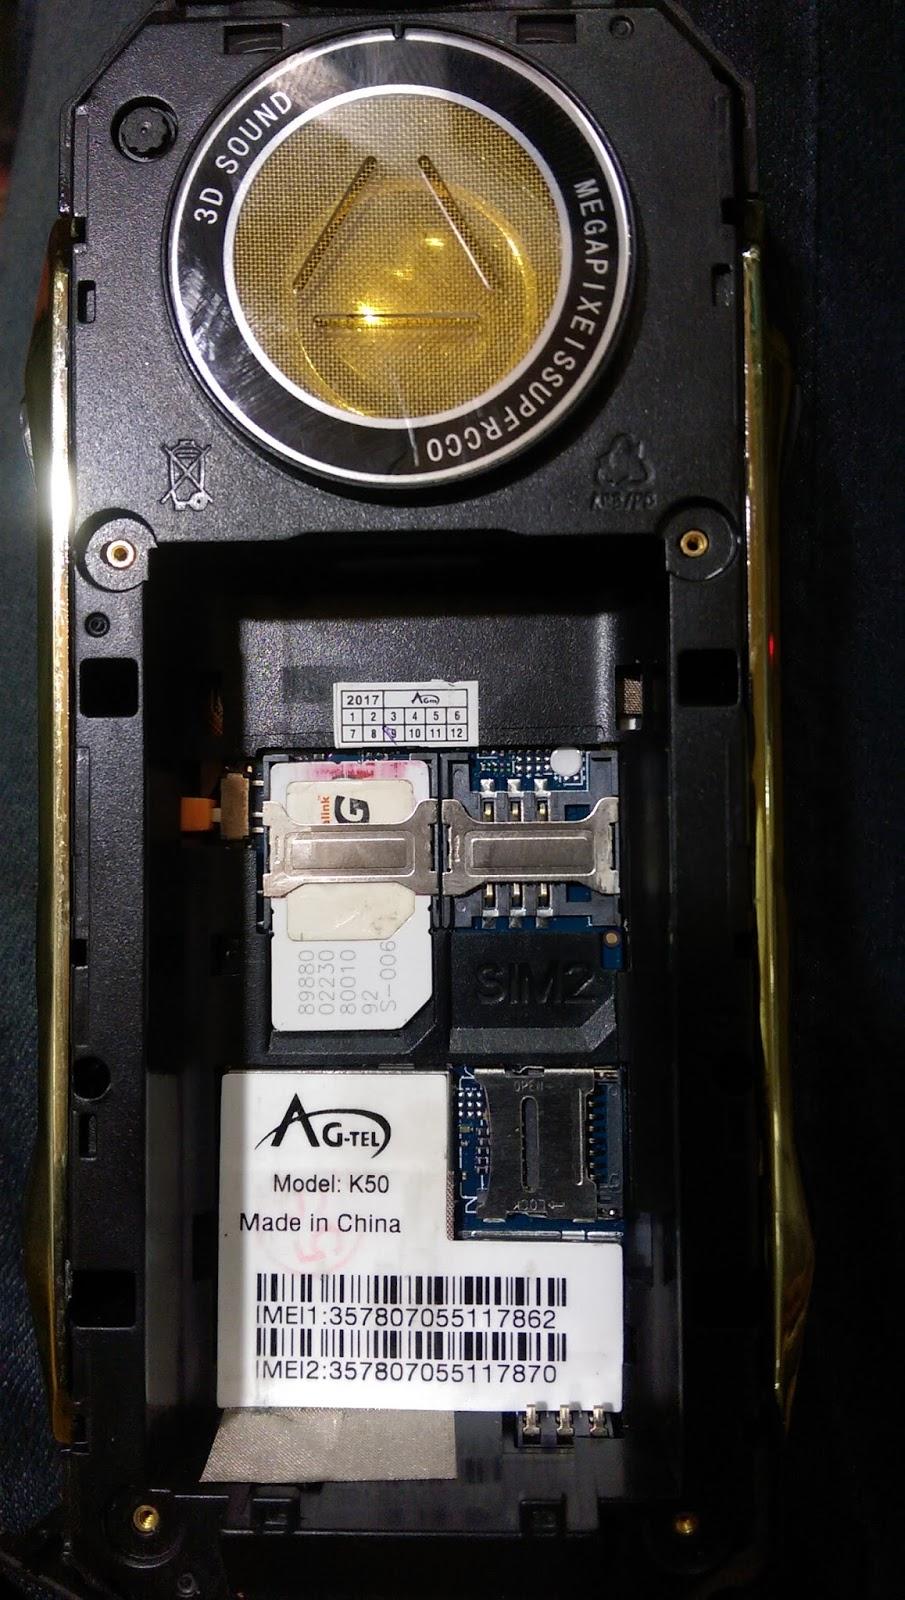 AGTEL K50